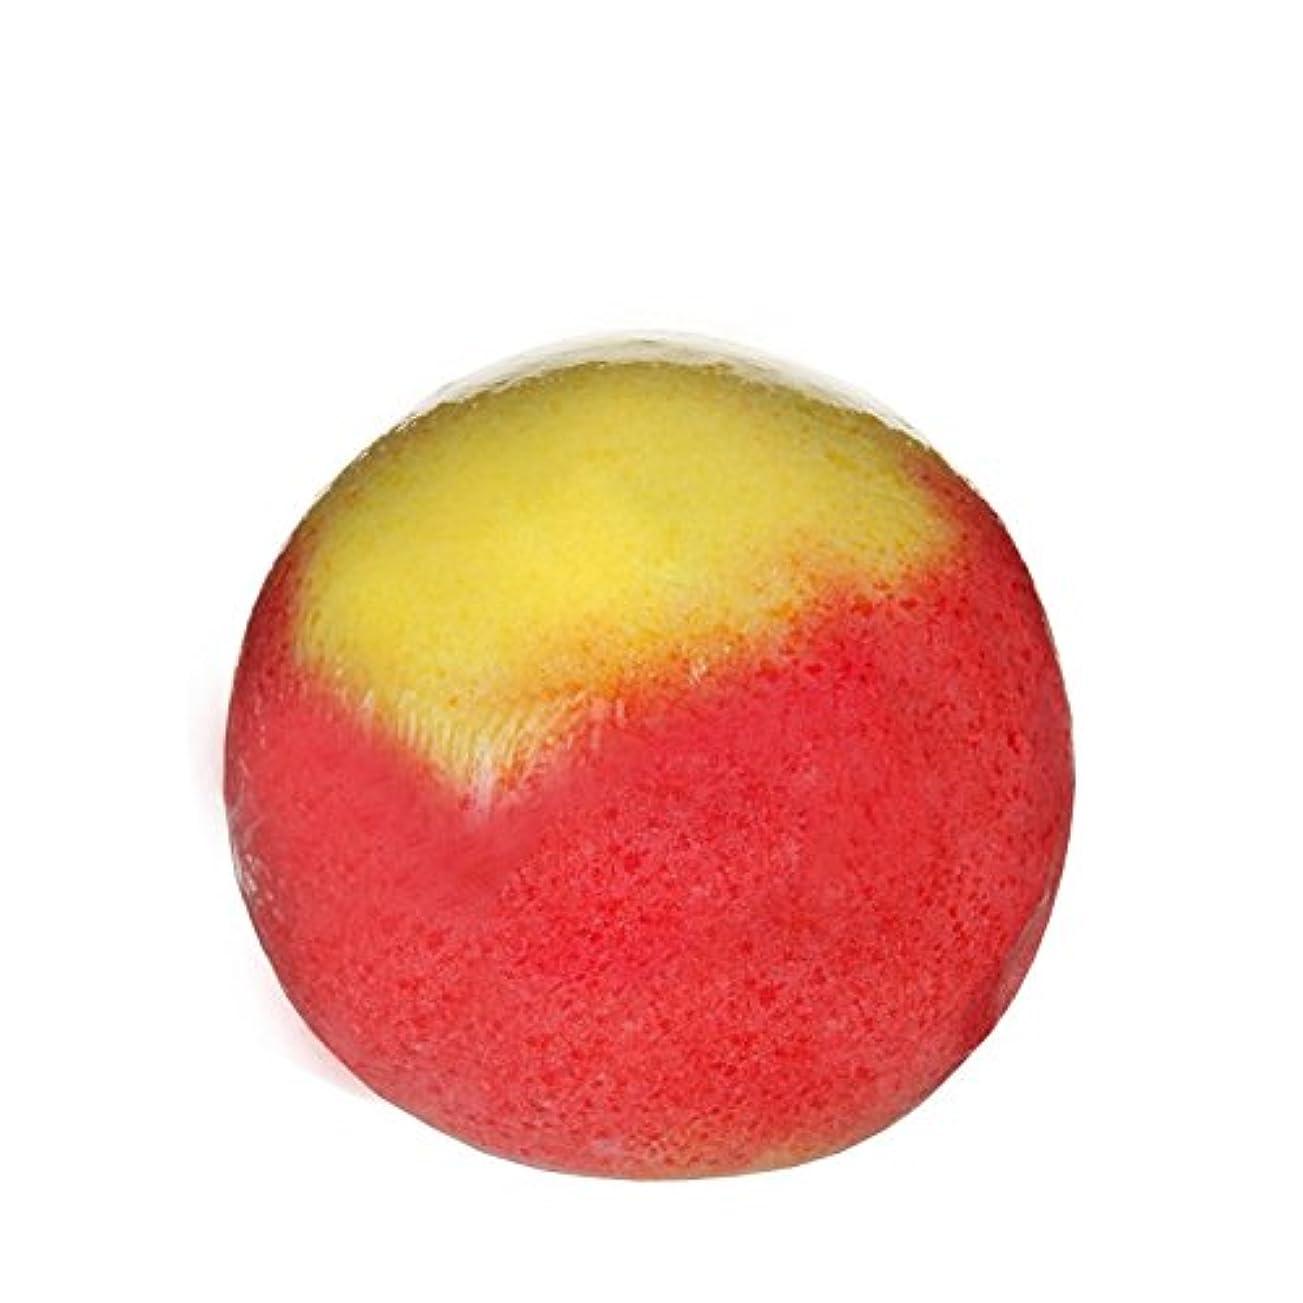 ヒゲクジラスキニー信念Treetsバスボールカラーパーティー170グラム - Treets Bath Ball Colour Party 170g (Treets) [並行輸入品]